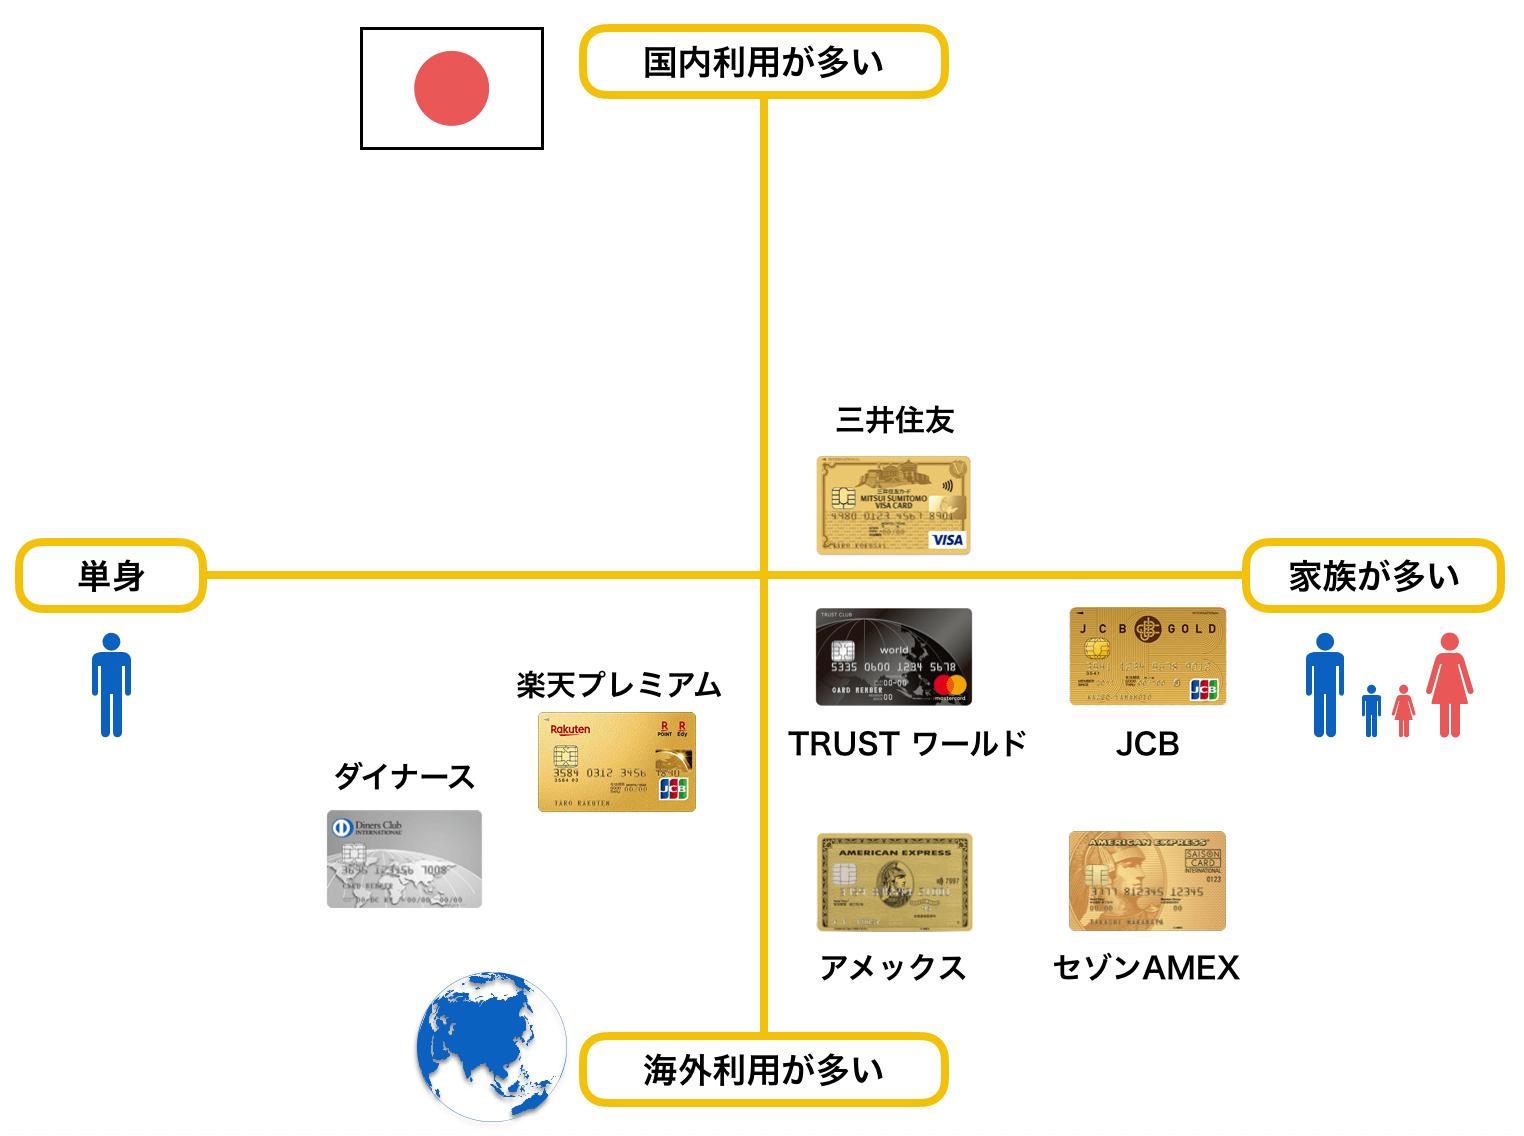 ゴールドカードのおすすめ 30代 ポジショニングマップ(2019年9月版)